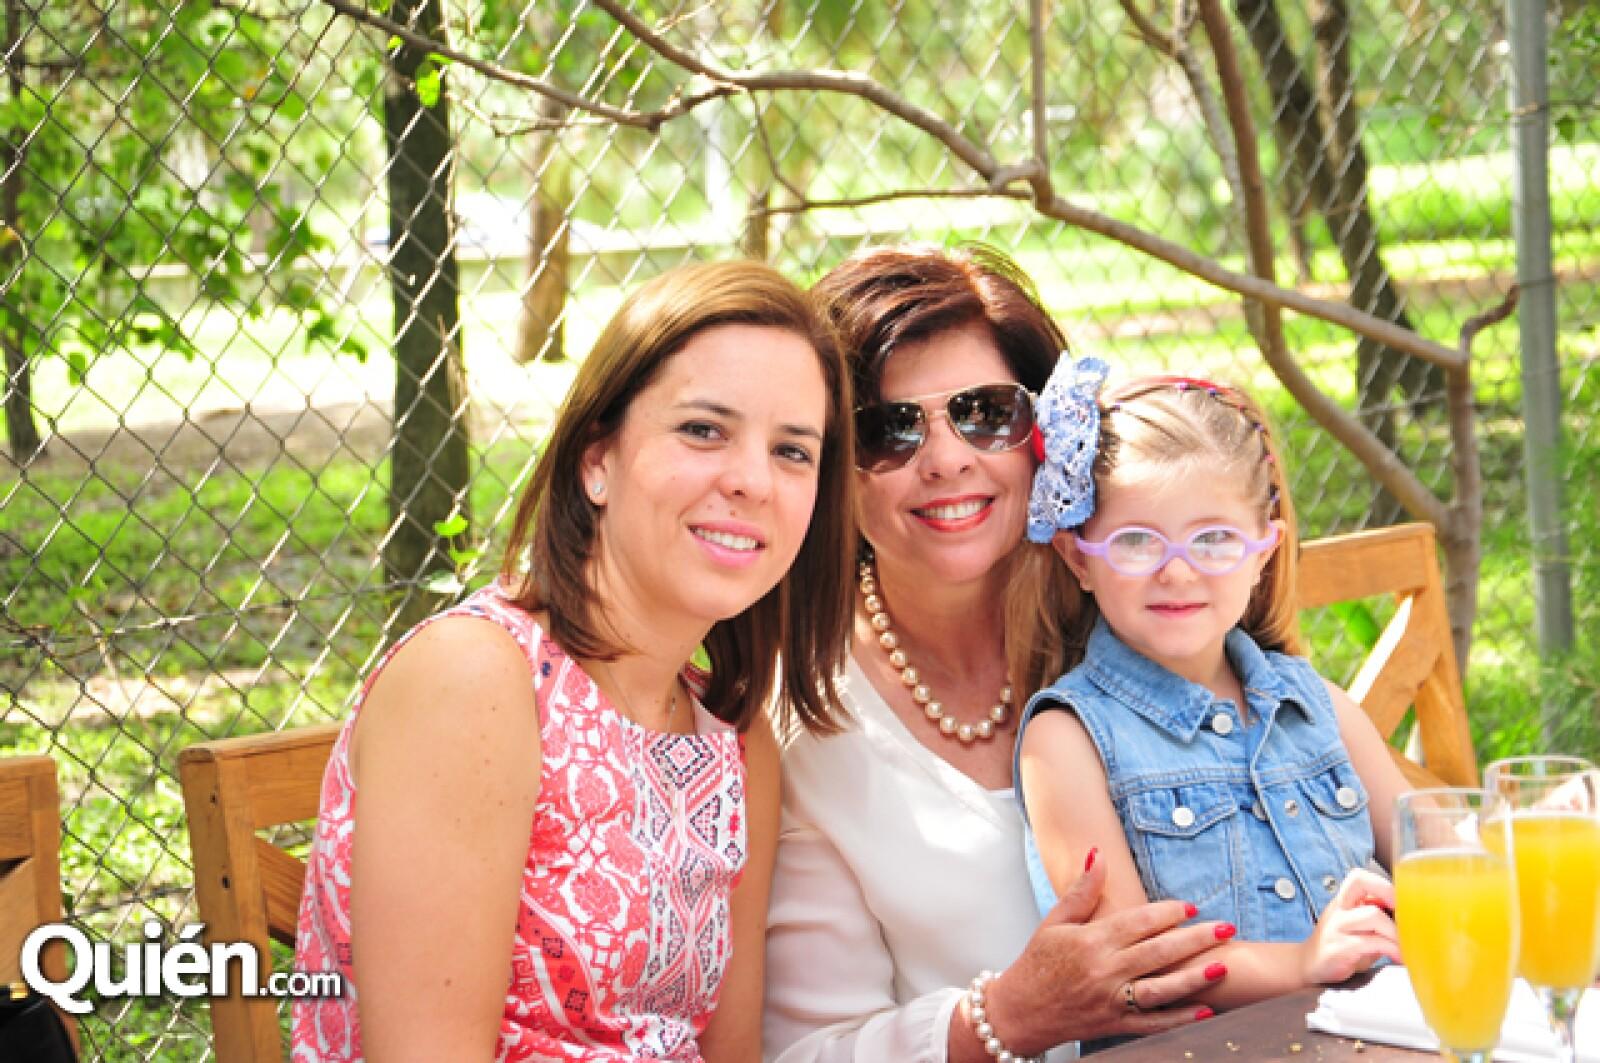 Pilar Vázquez,Pilar Arroyo,Pili Echegollén